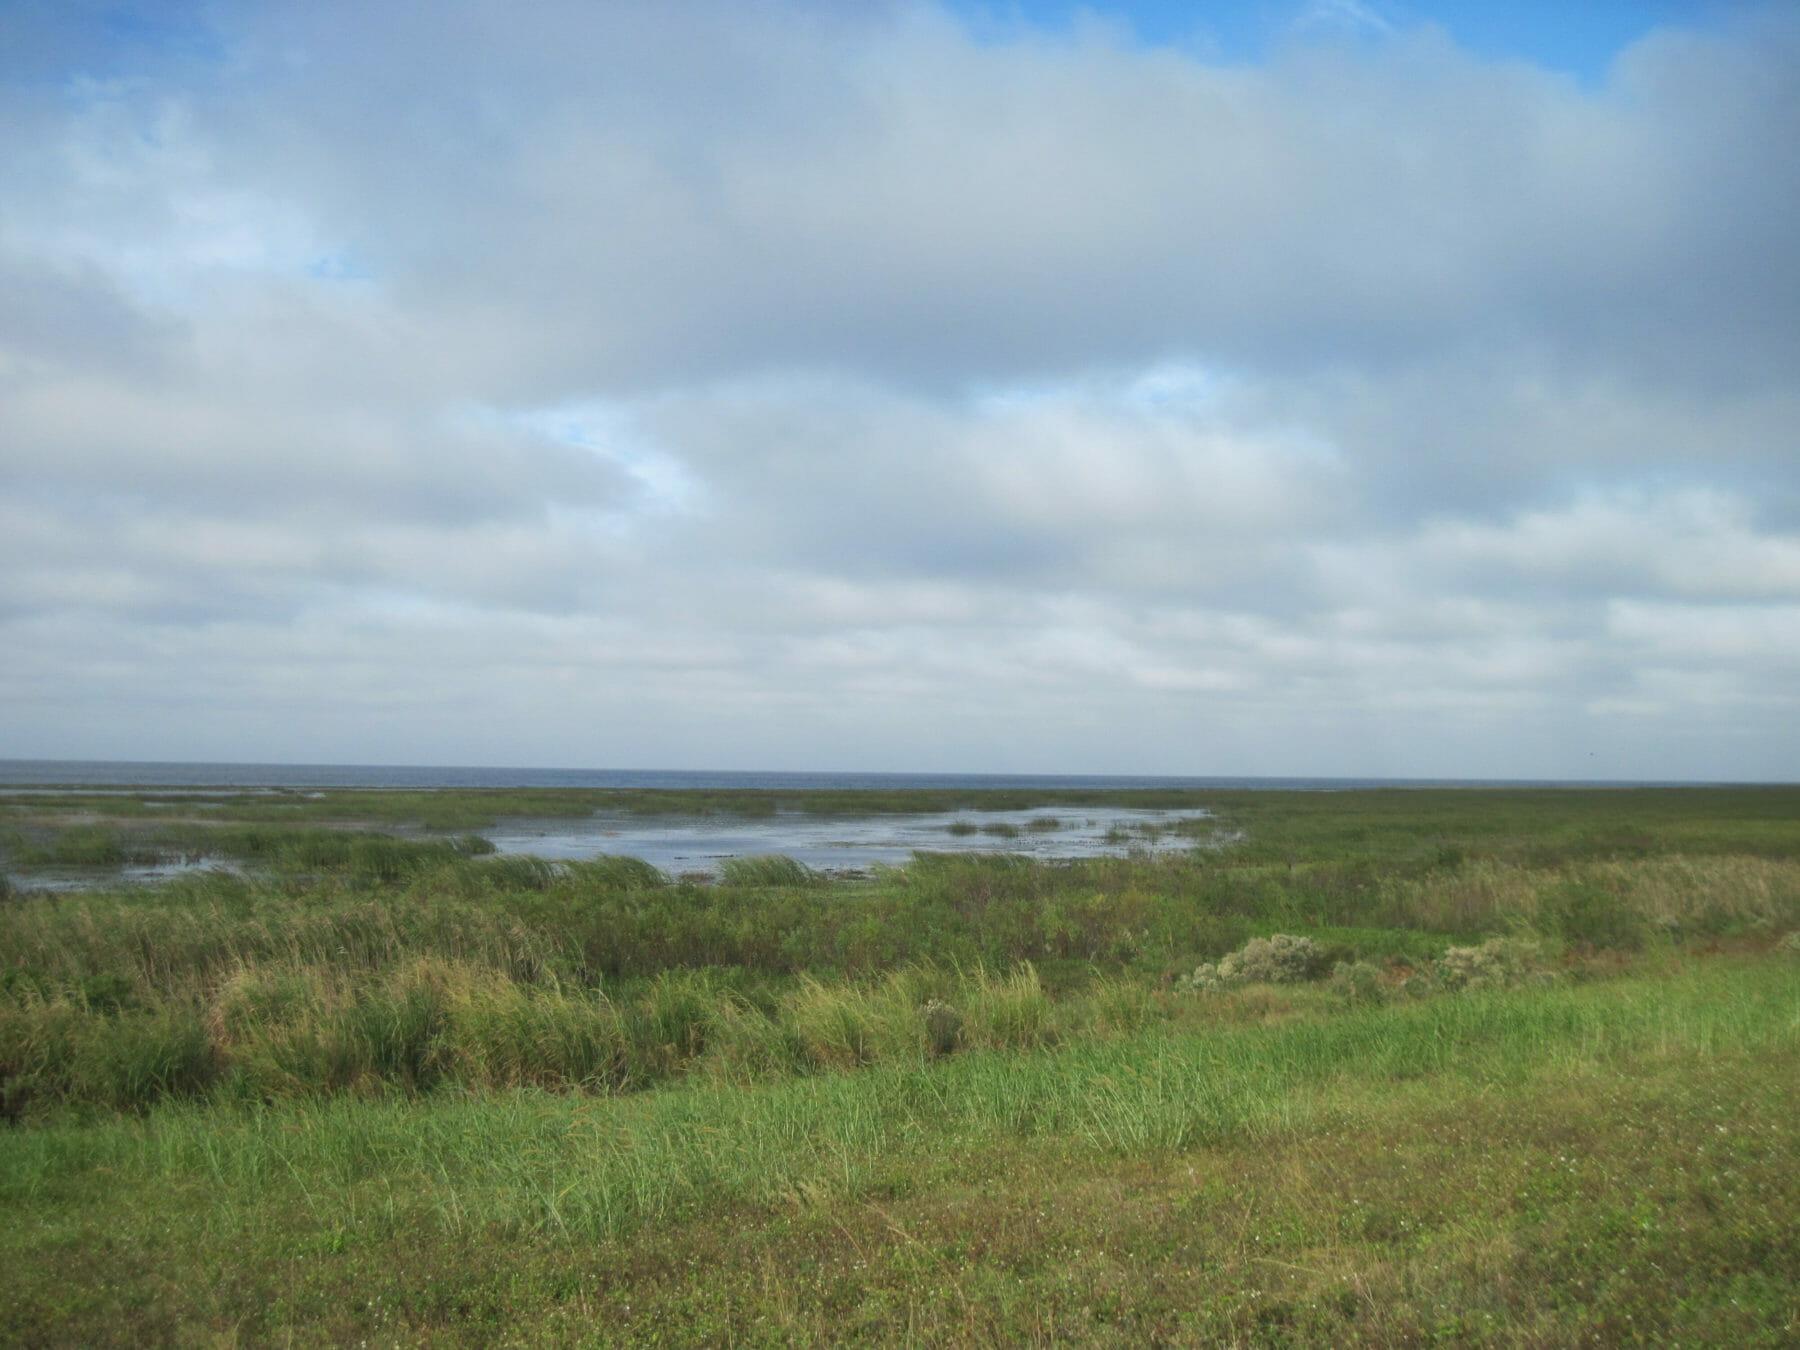 Chauncey Bay Okeechobee